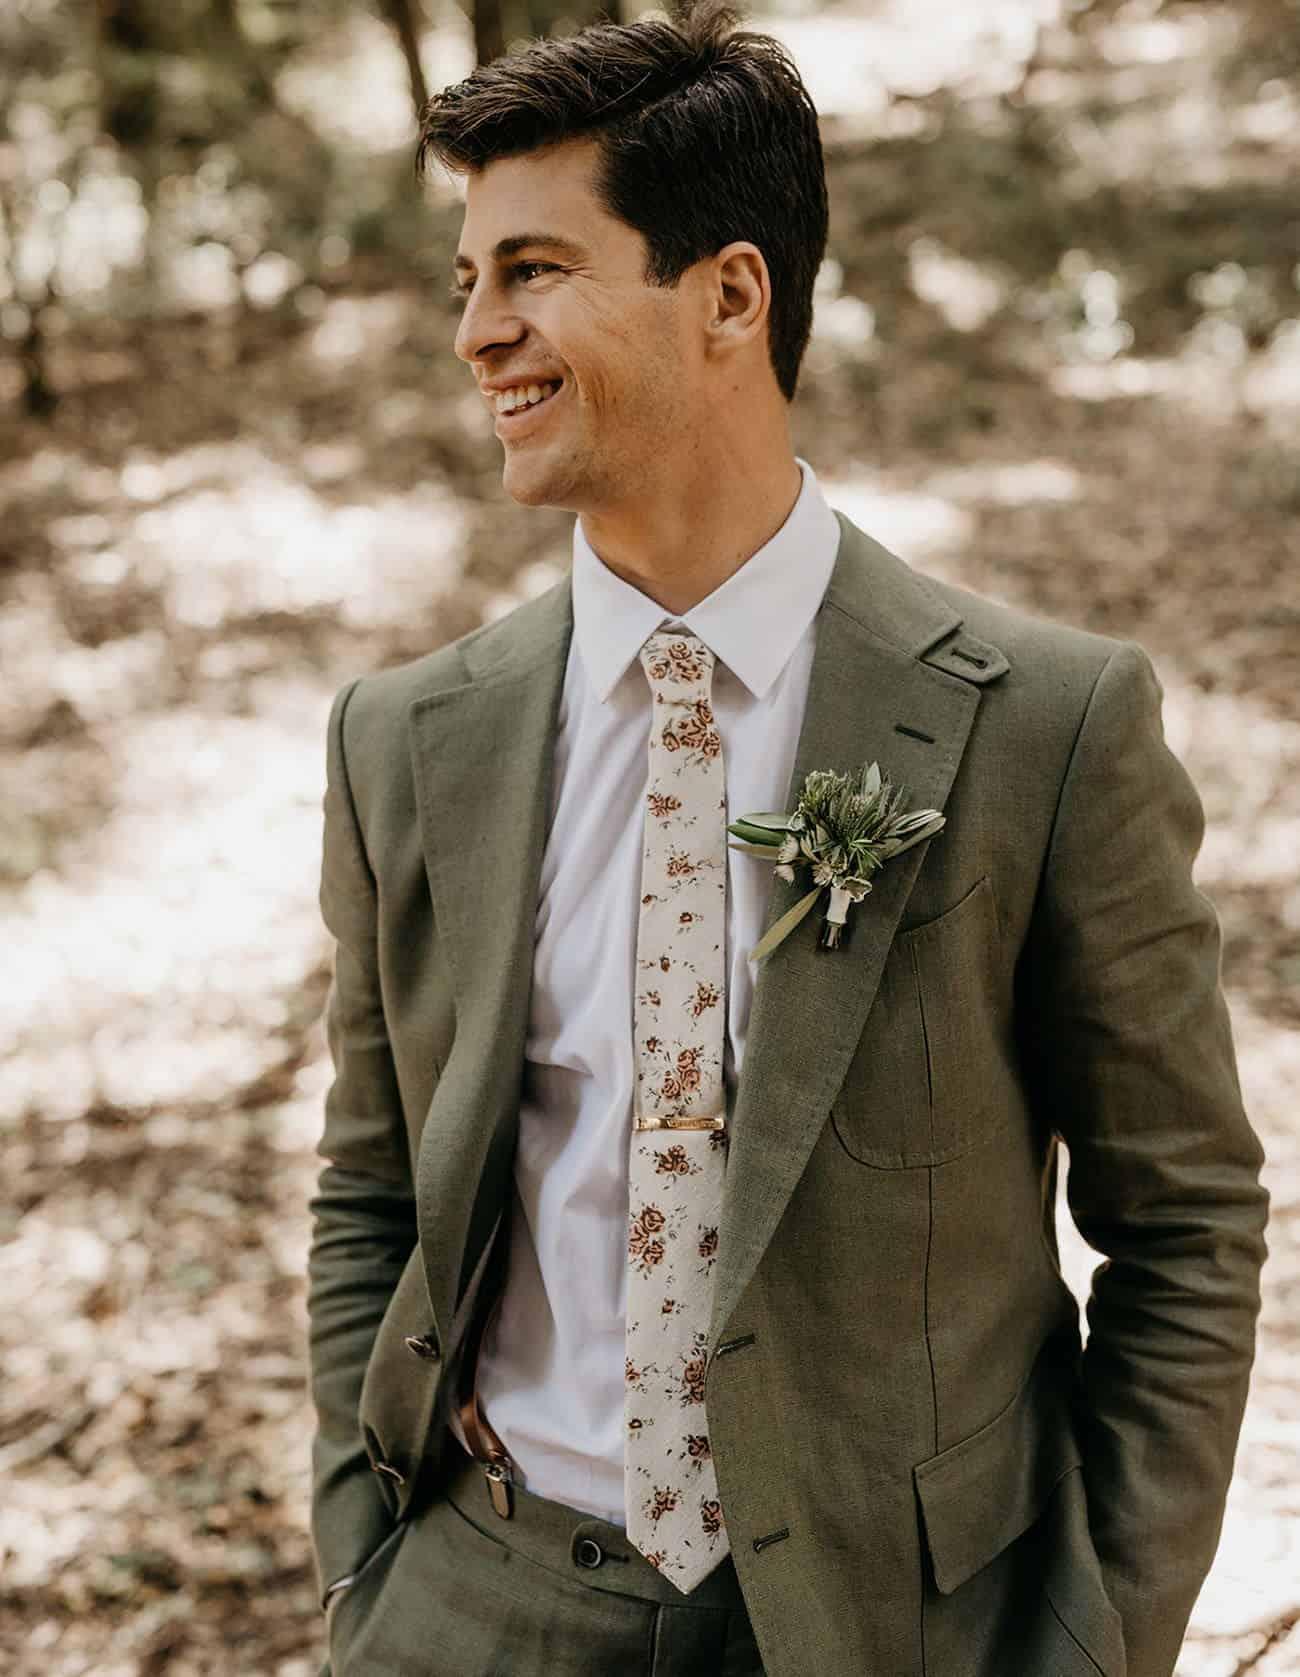 γαμπριάτικο κοστούμι σε πράσινο χρώμα με λουλουδένια γραβάτα